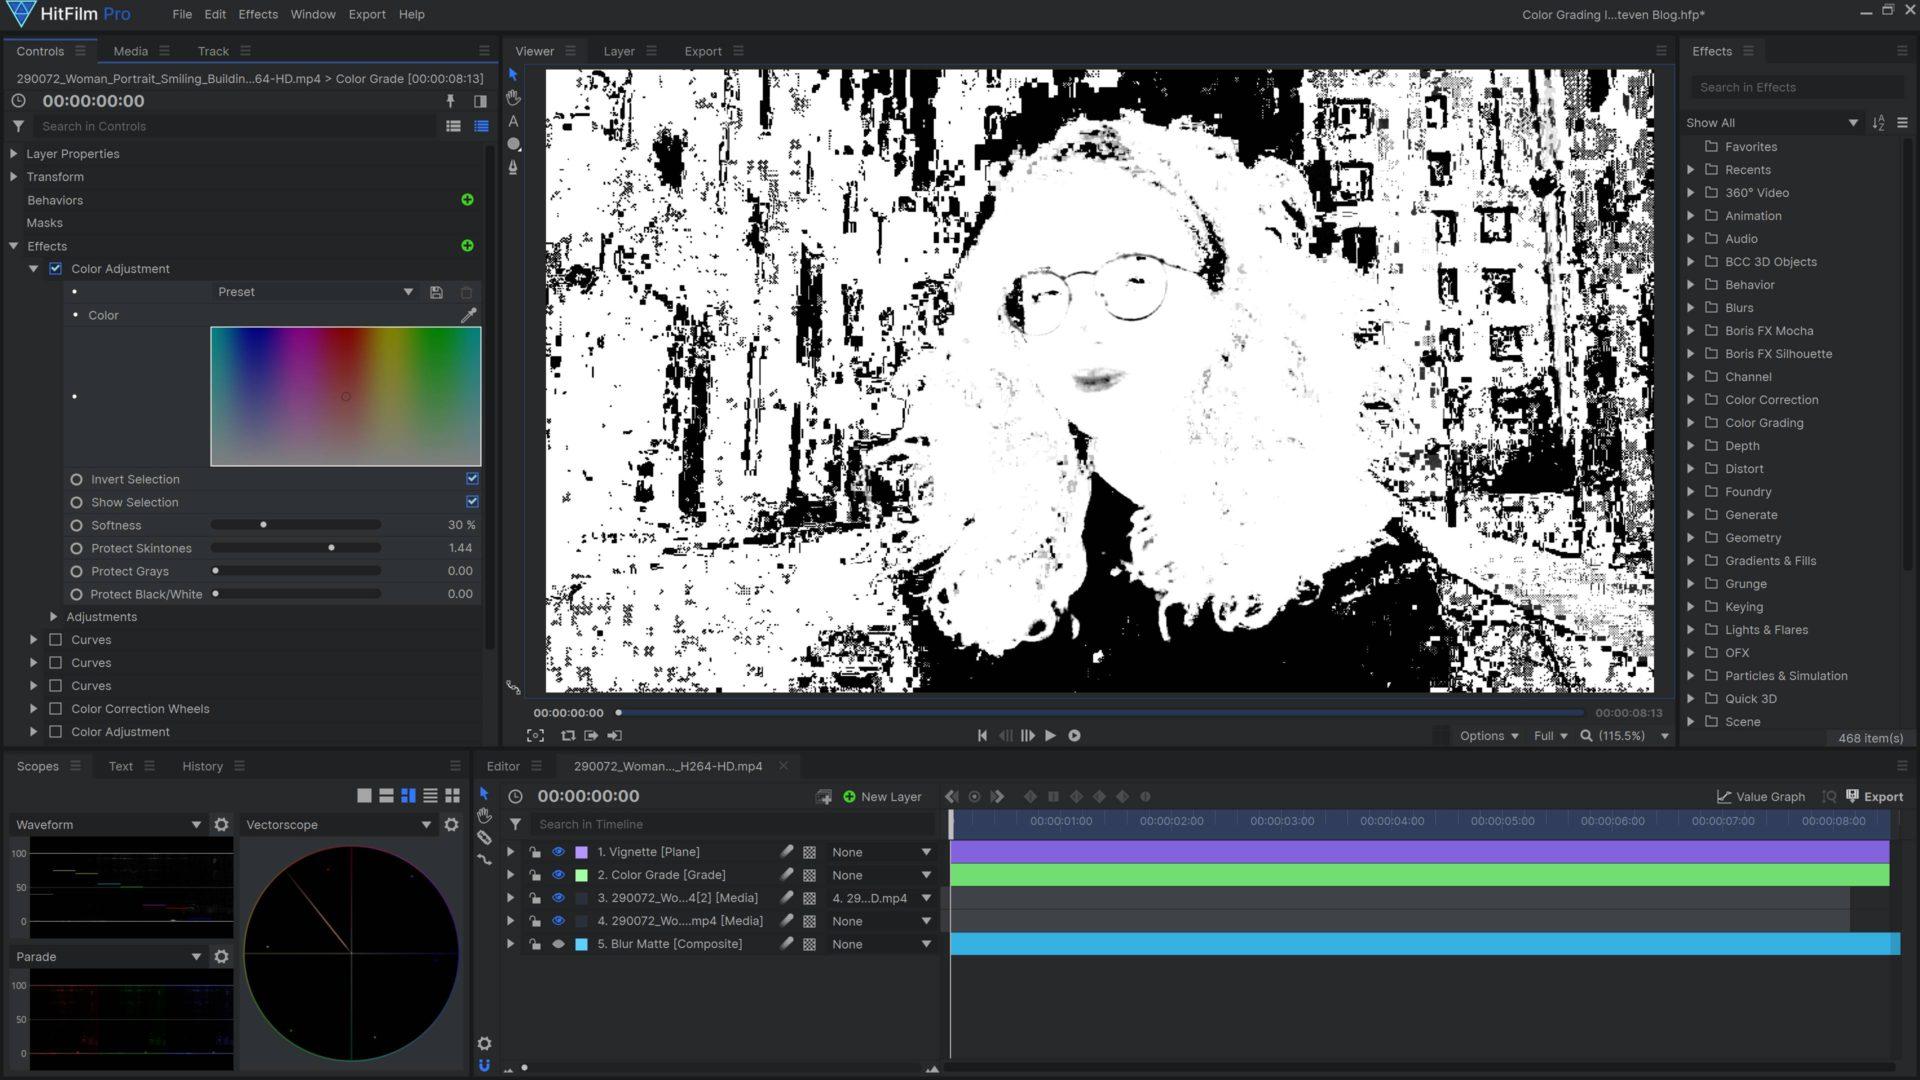 HitFilm color adjustment effect show mask